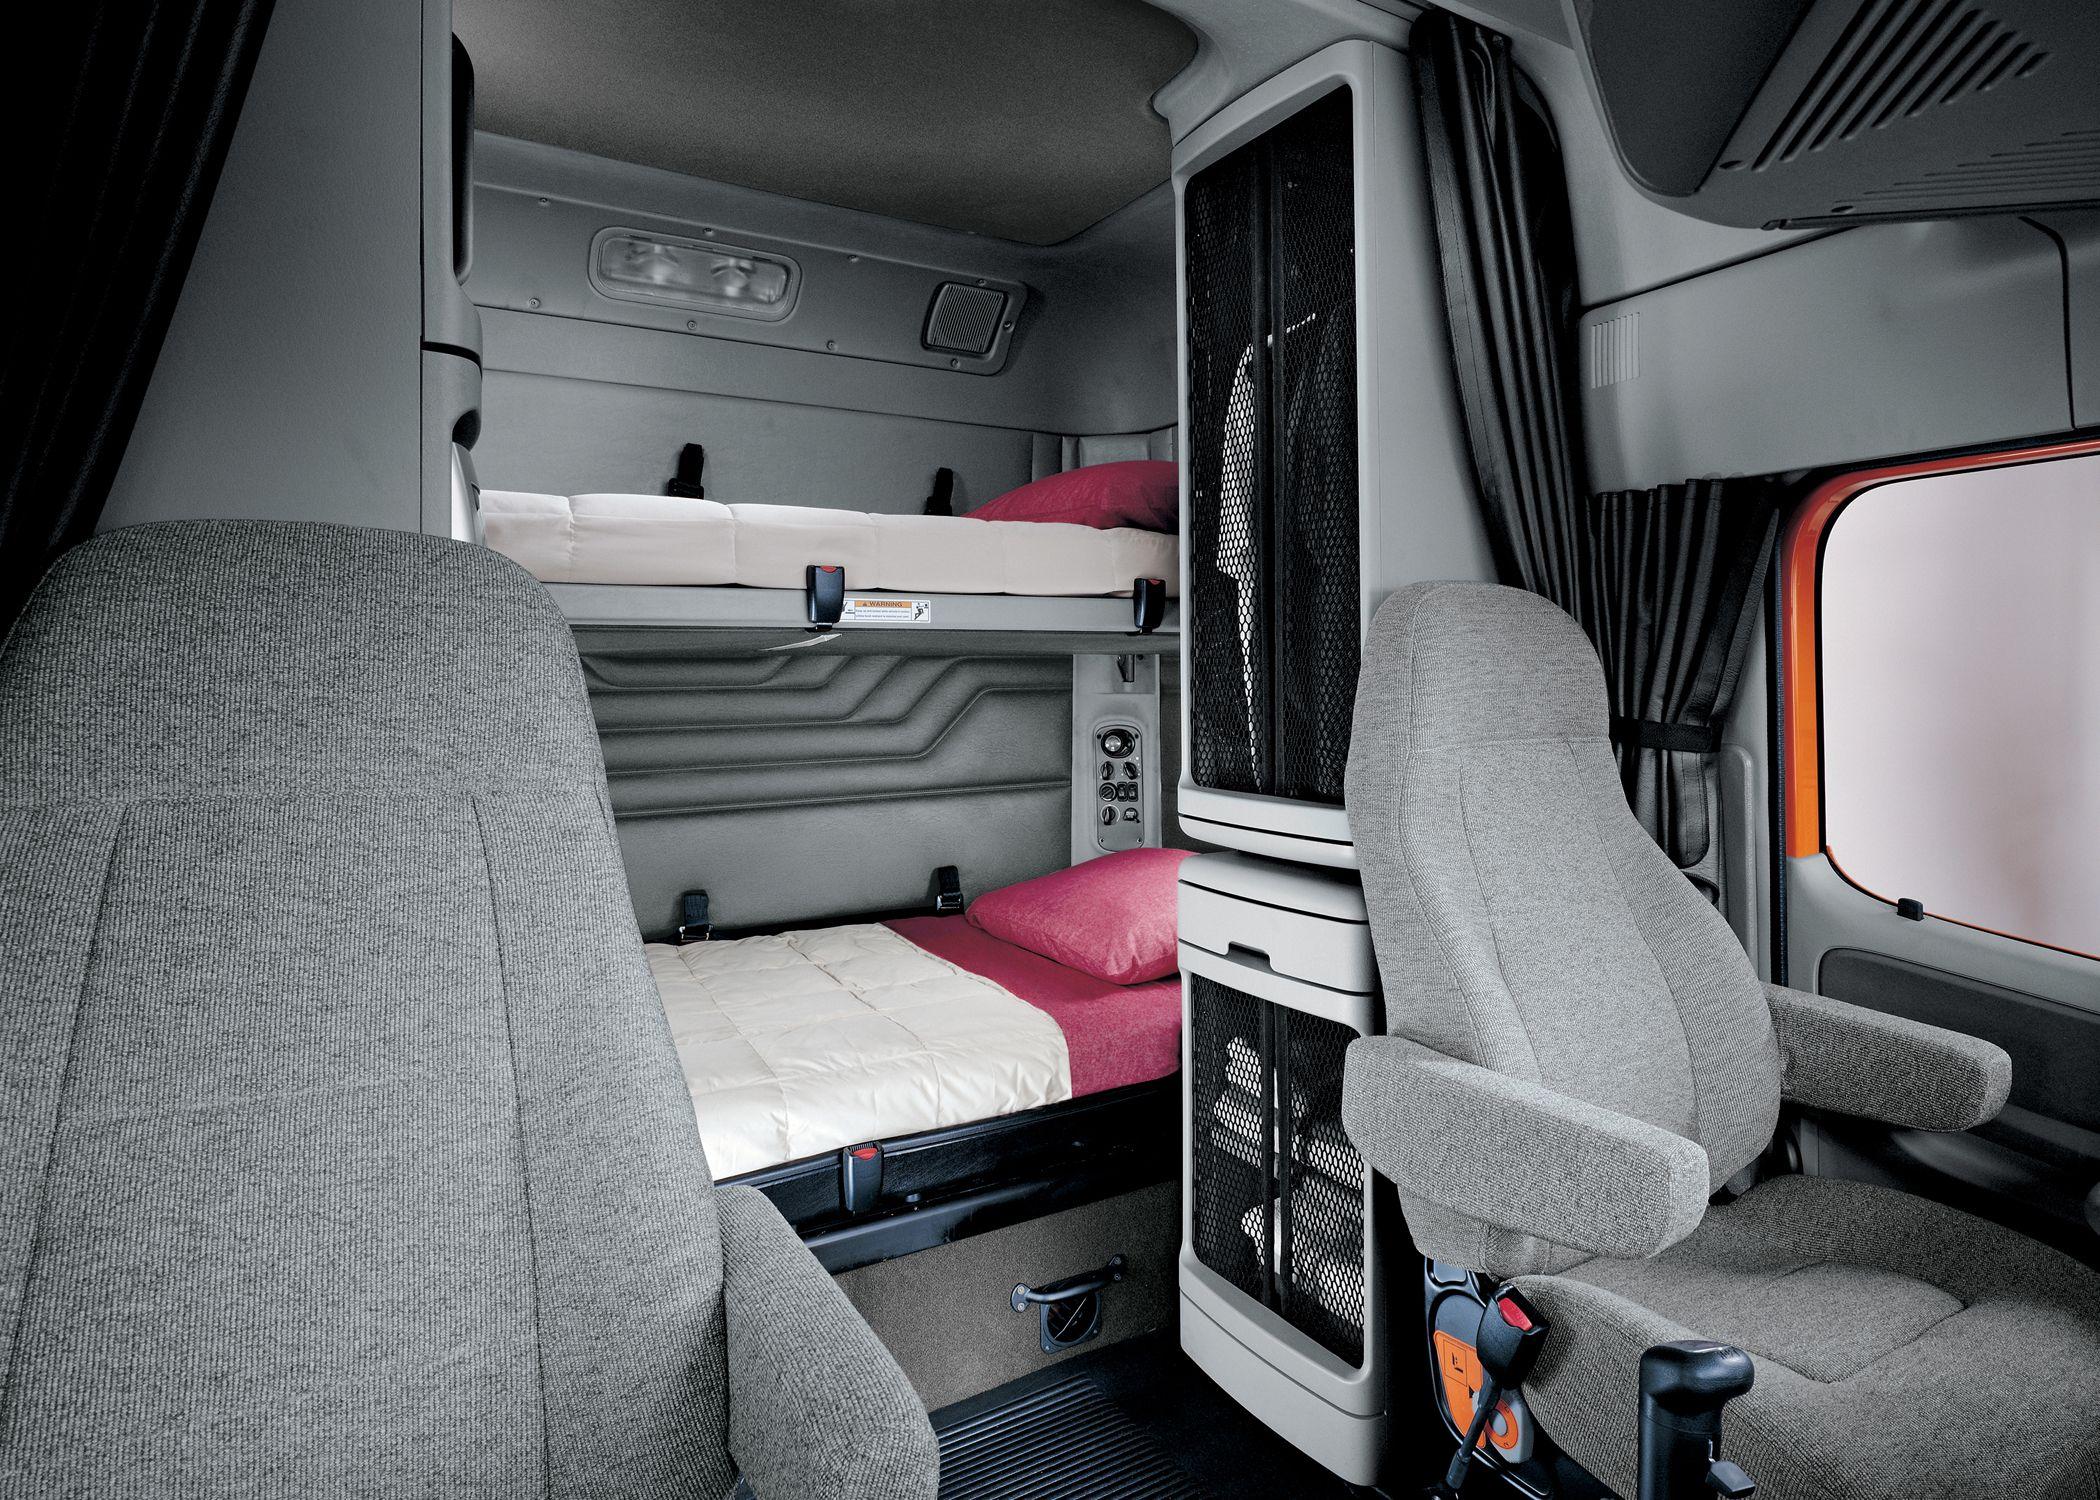 Freightliner Century Class St Freightliner Freightliner Trucks Semi Trucks Interior